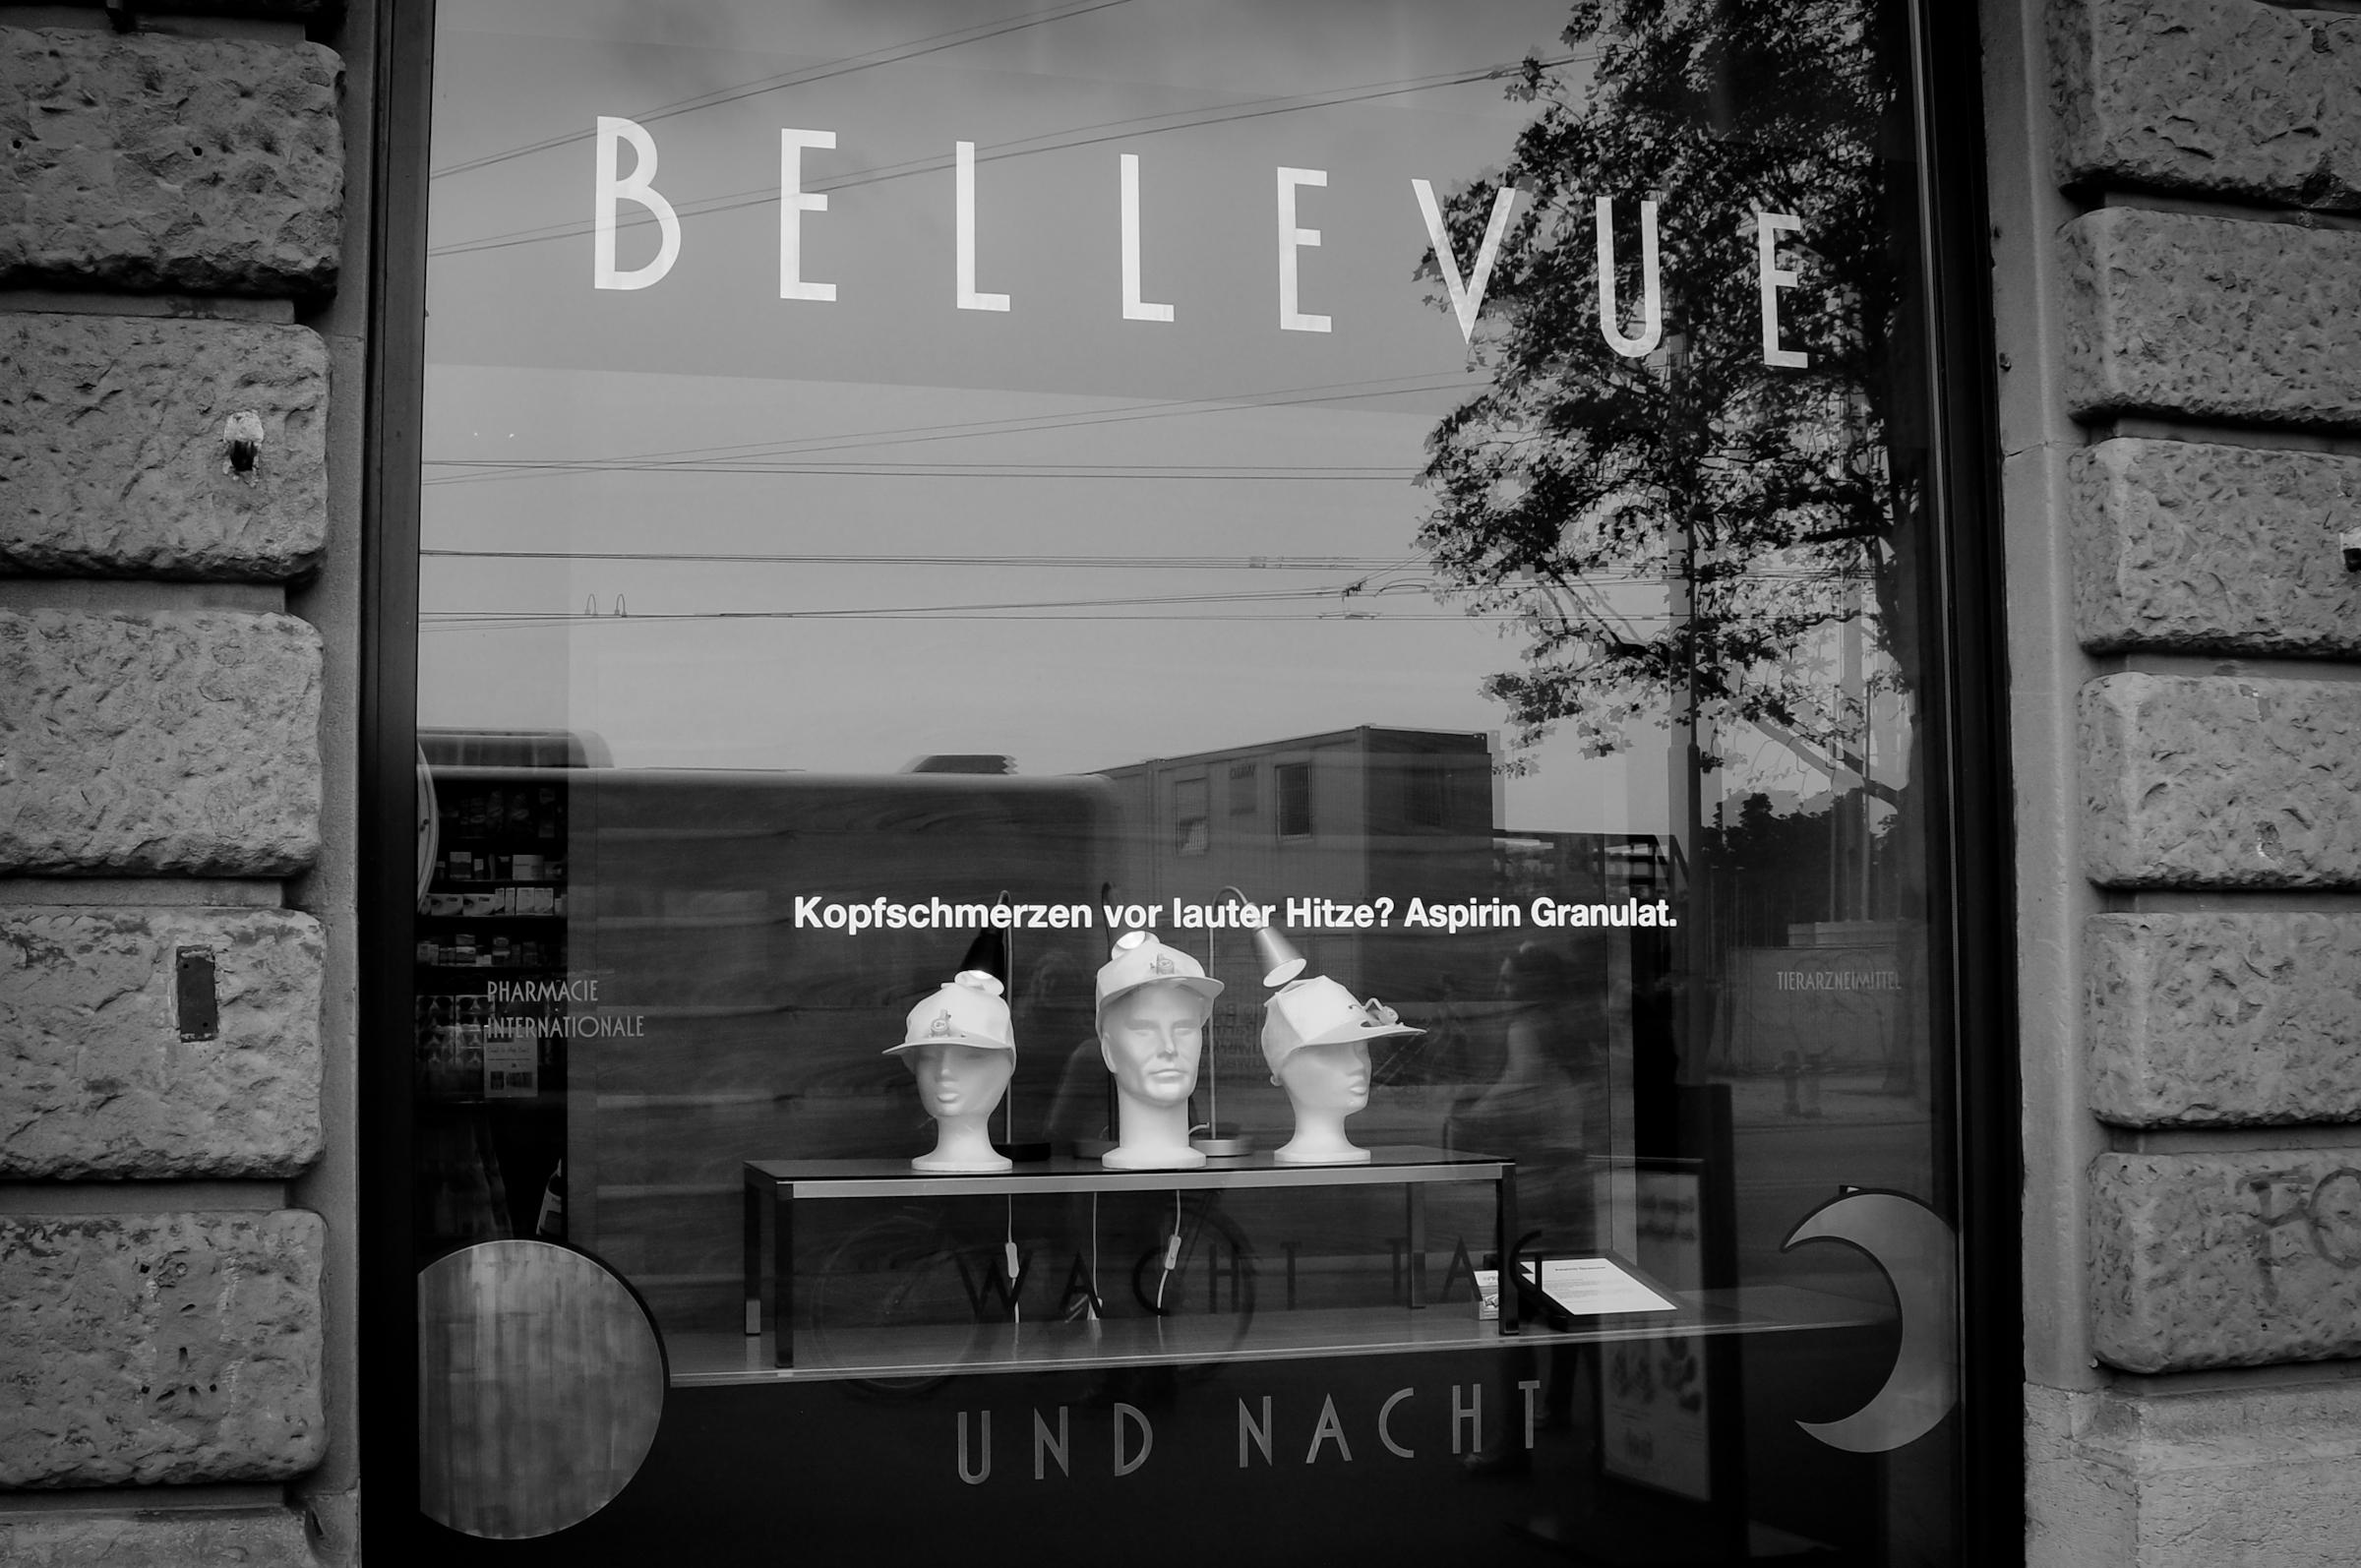 schaufenster9-juli_959